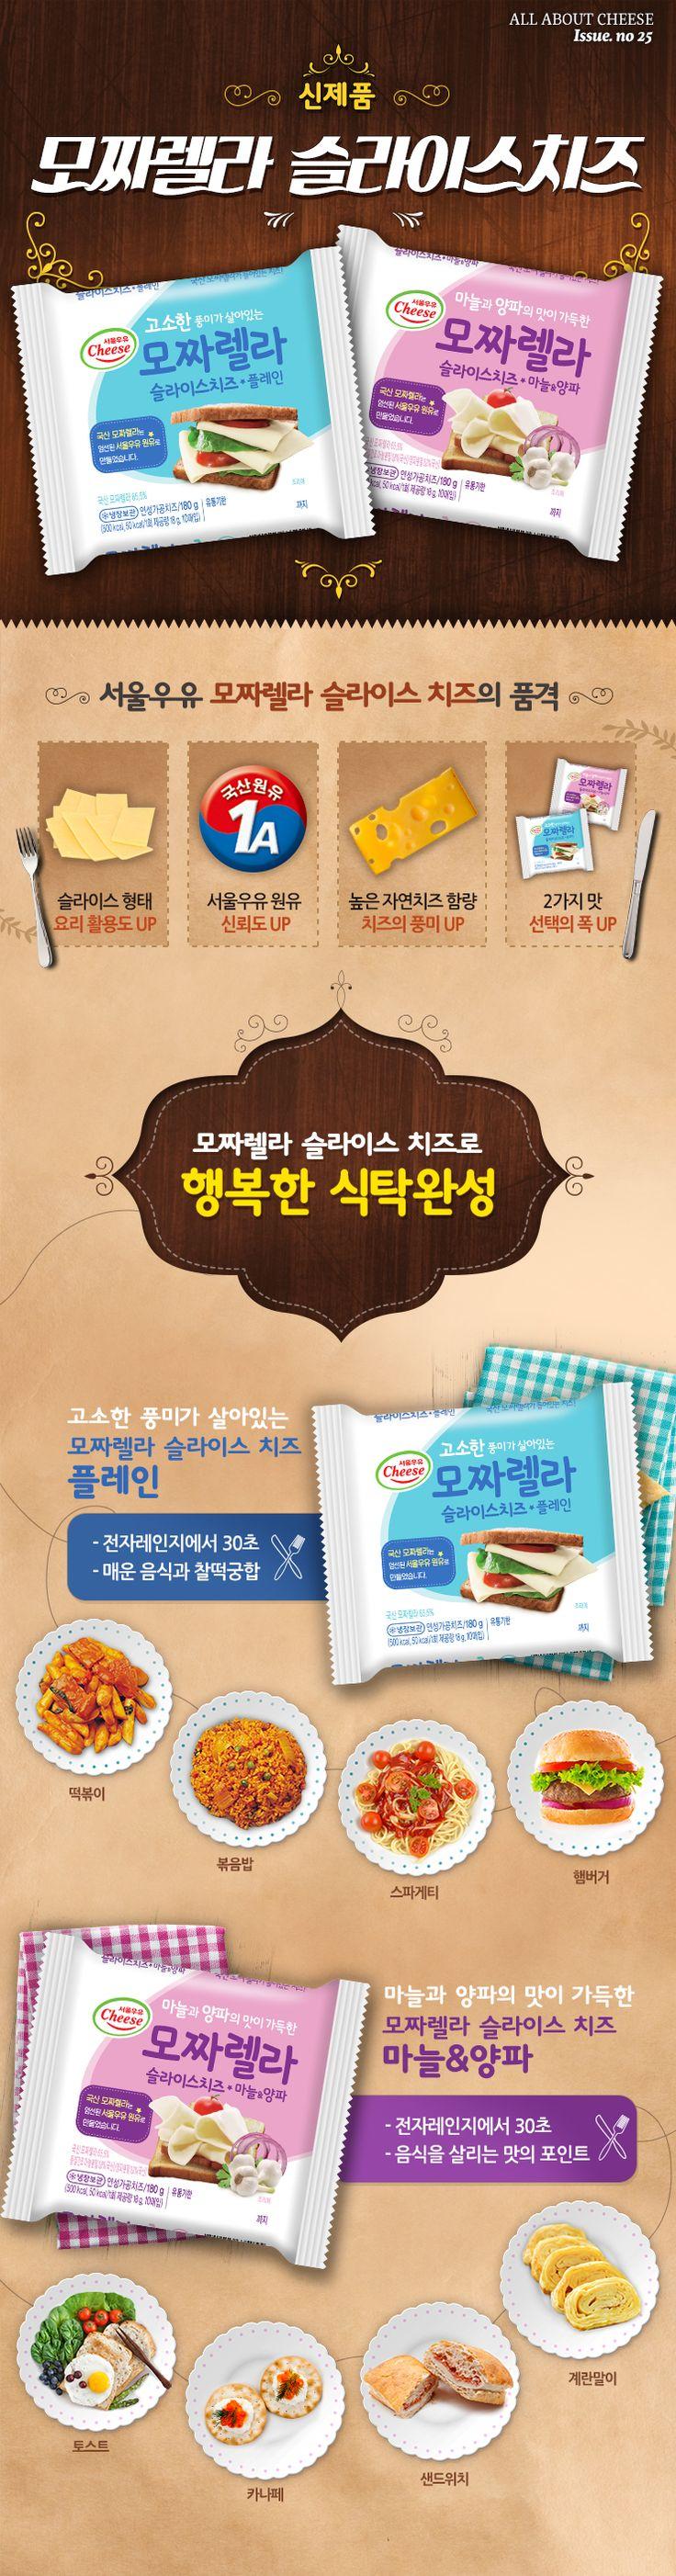 모짜렐라가 햄버거 안에도 들어가는 요즘, 치즈 덕후들의 마음을 설레게 할 서울우유 신제품이 출시됐어요! 이름하여 모짜렐라 슬라이스 치즈~ 이젠 들고 다니면서 먹을 수 있답니다. 아 참, 어 떤 맛을 좋아할지 몰라서 두 가지 맛으로 준비해봤어요. 에헴!